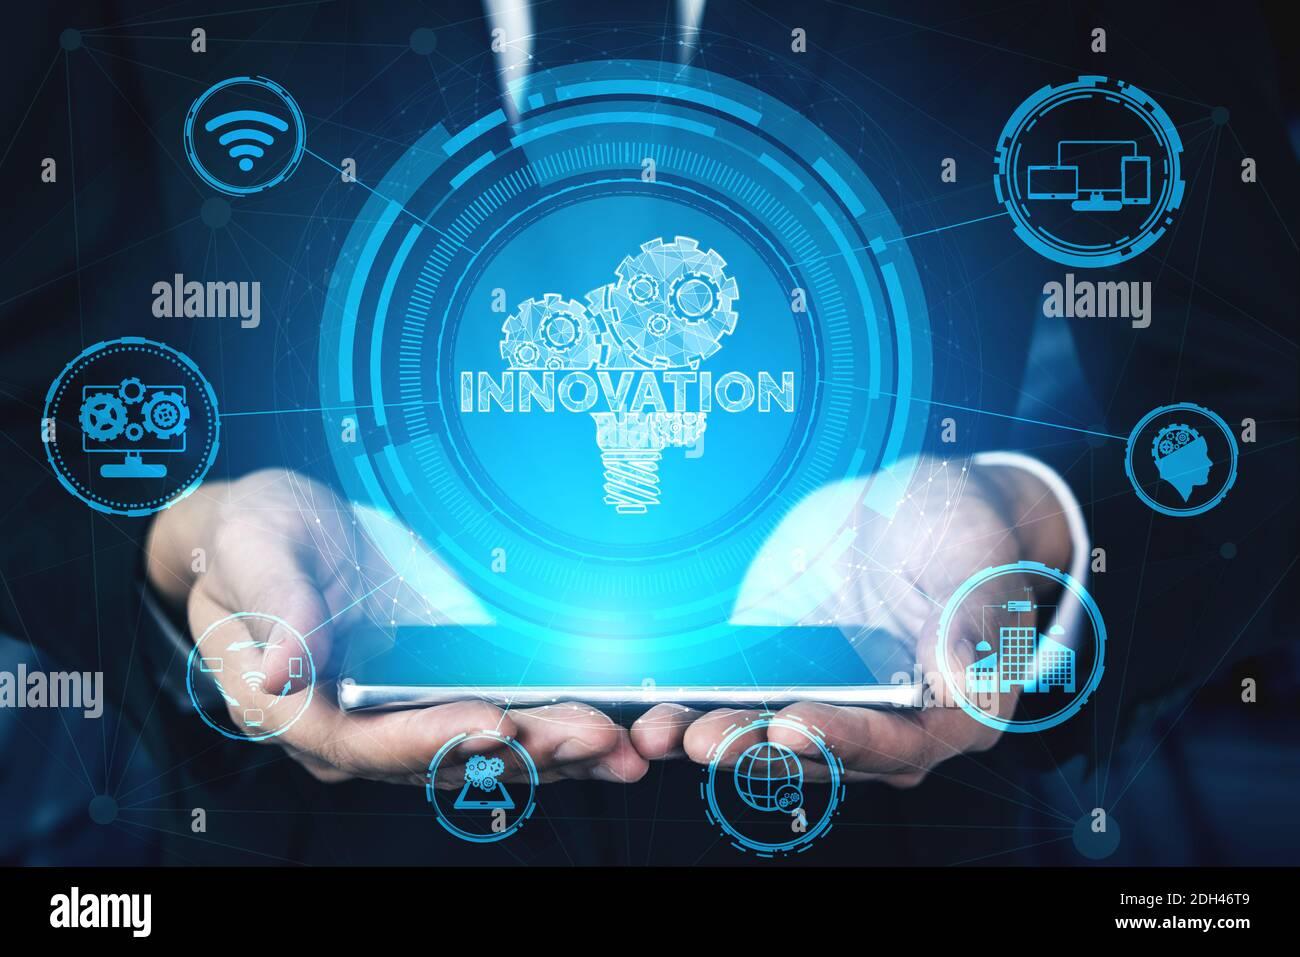 Concepto de Tecnología de Innovación para la financiación de Negocios. Moderna interfaz gráfica que muestra el símbolo de ideas innovadoras de pensamiento, investigación y desarrollo Foto de stock